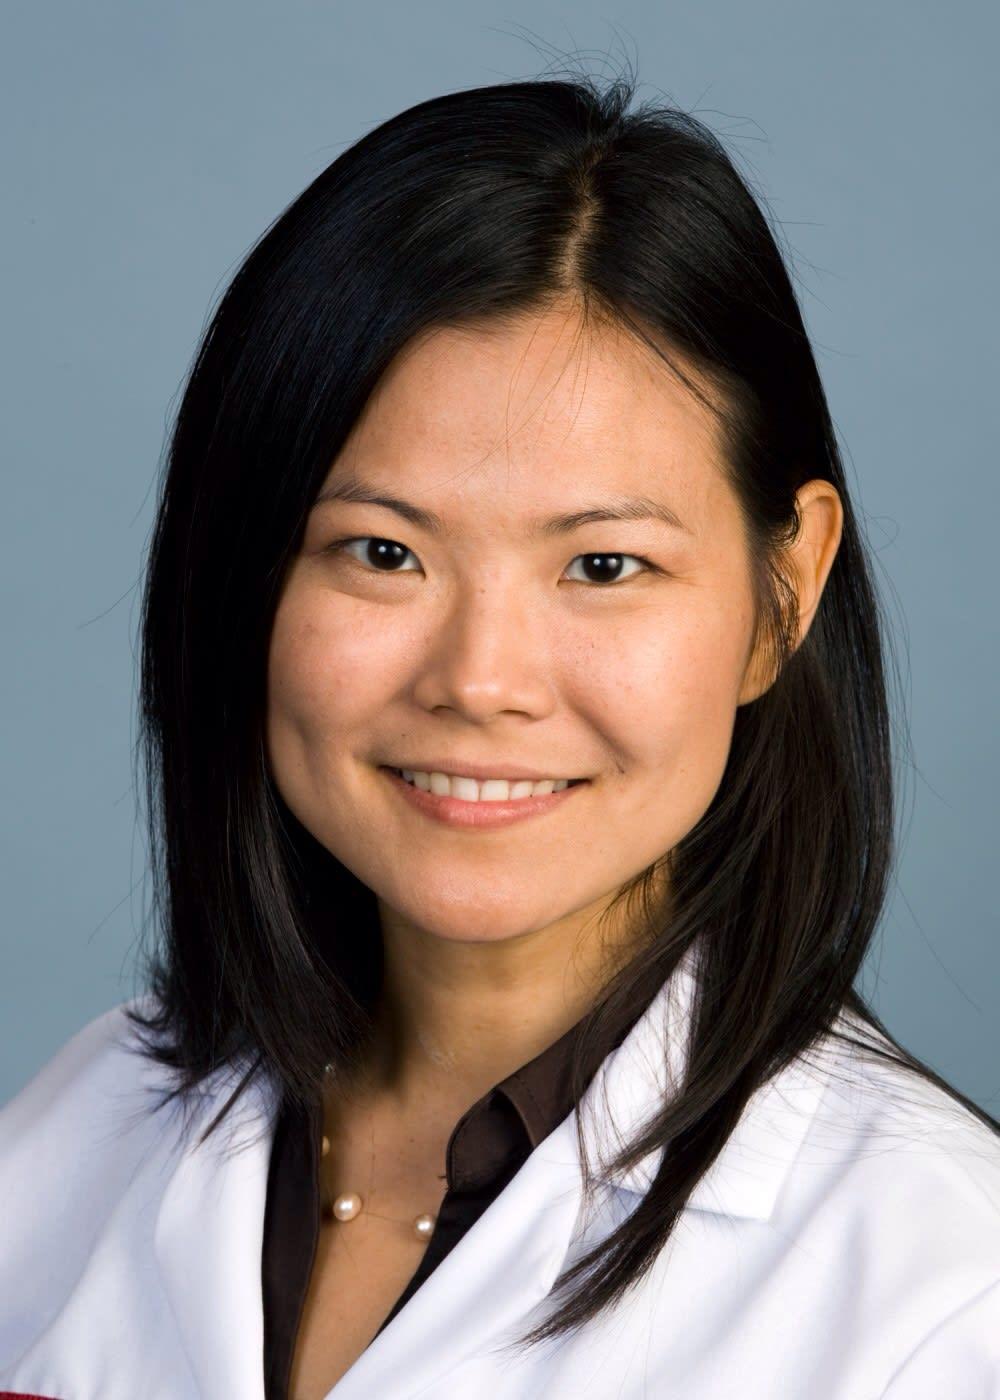 Dr. Anita Hwang MD